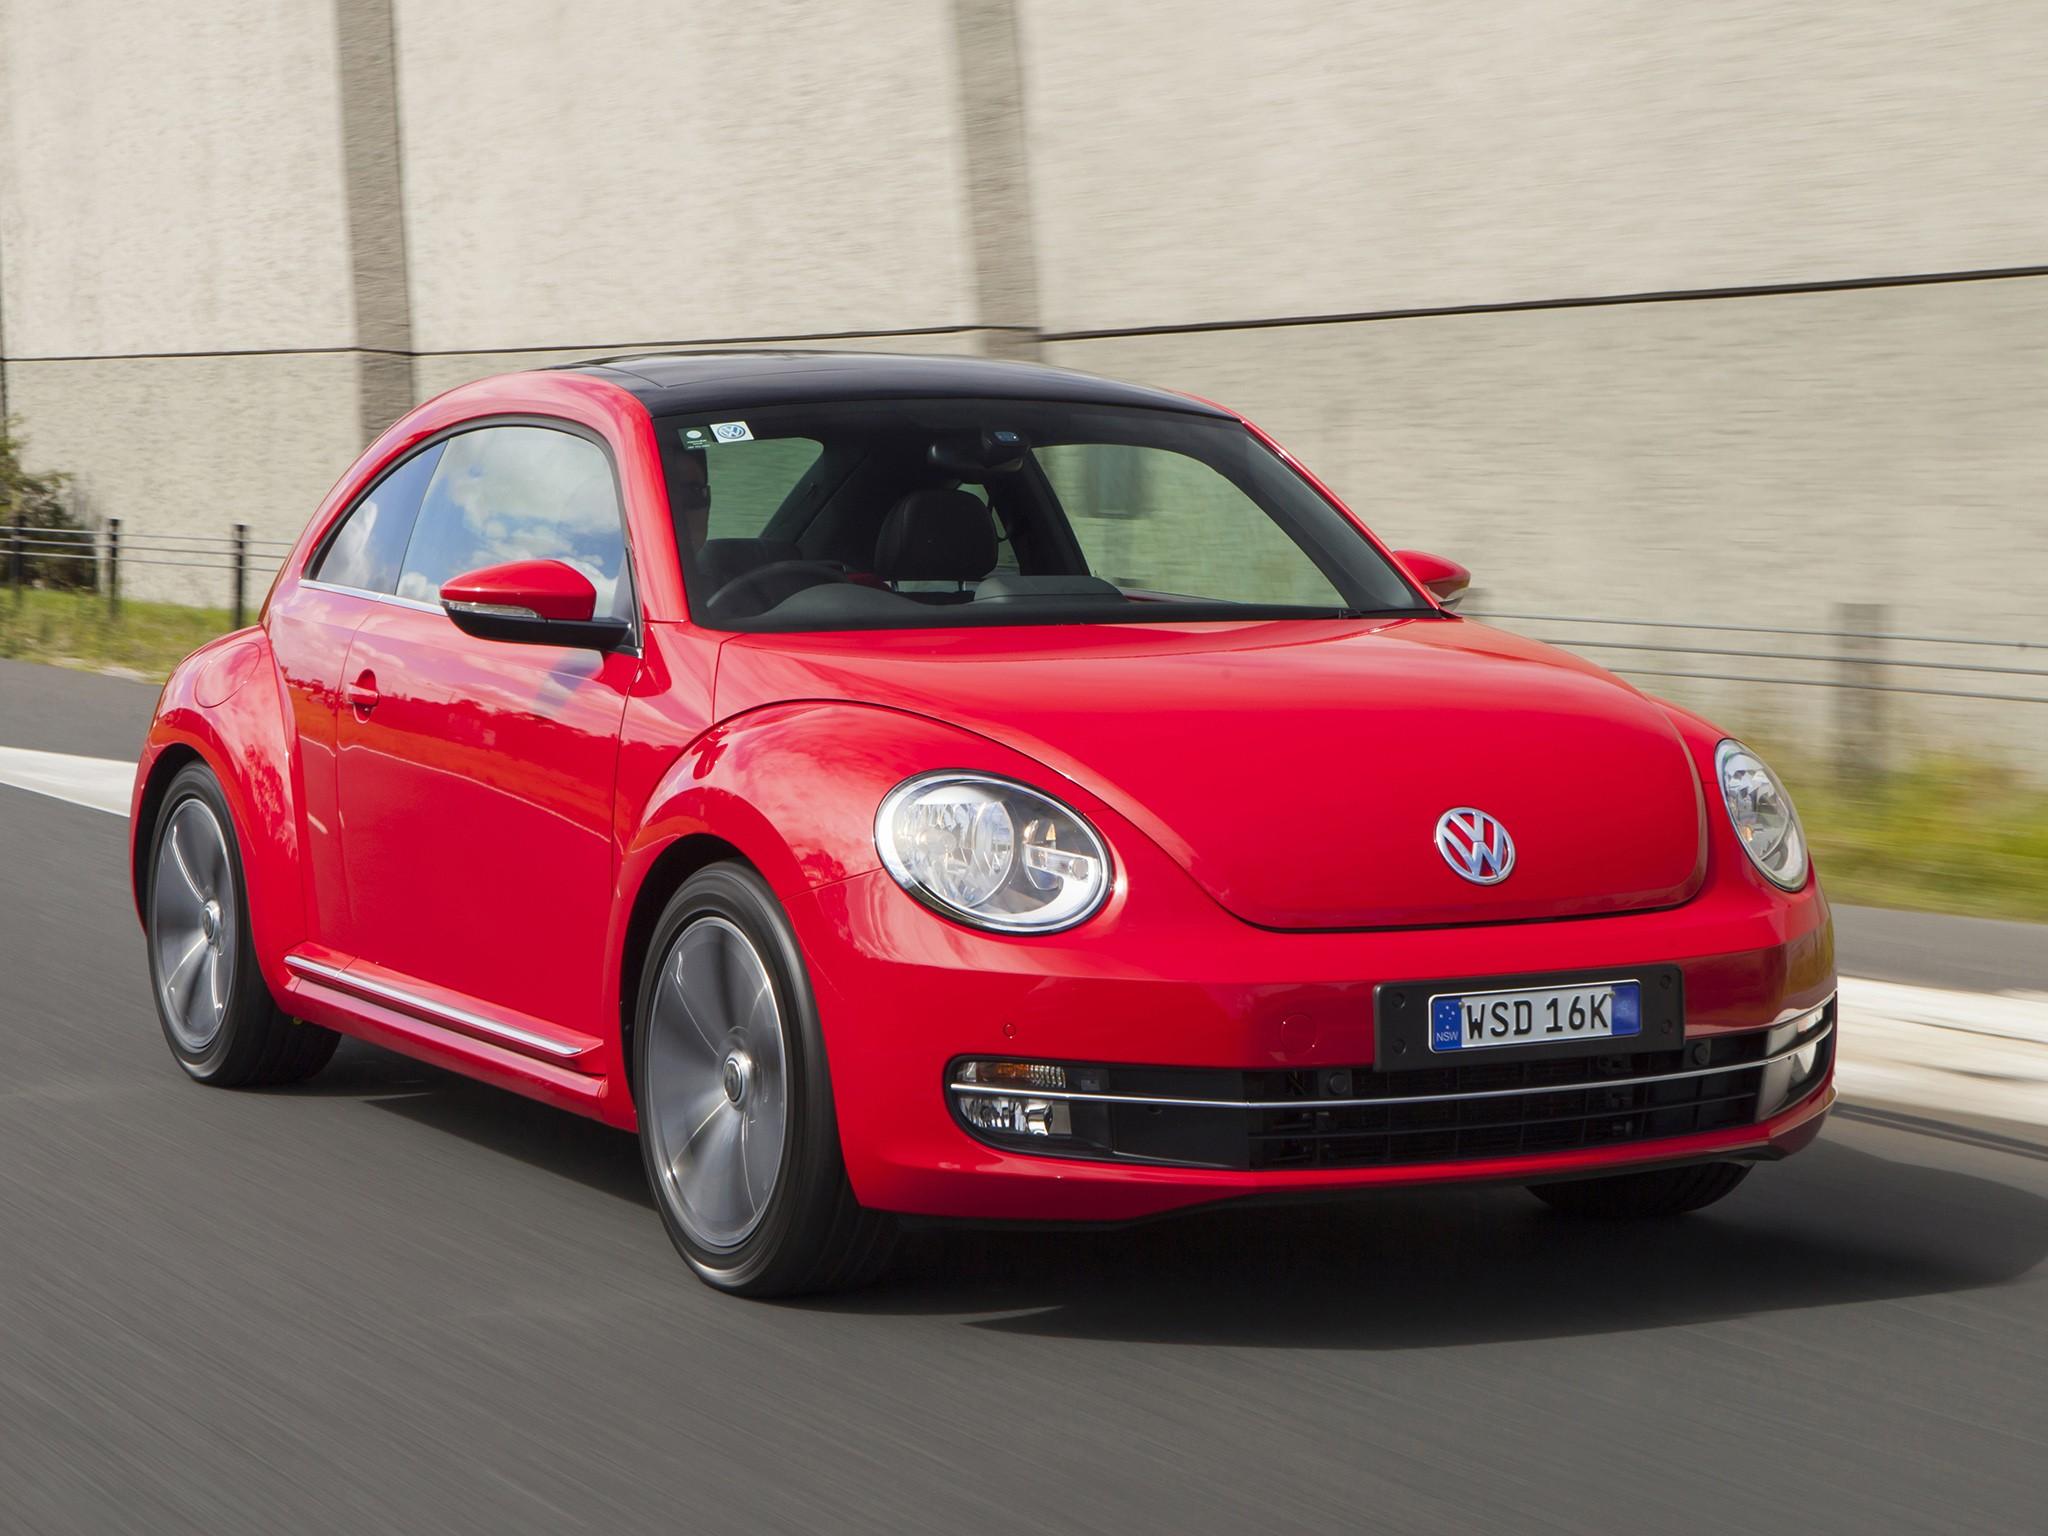 VOLKSWAGEN Beetle - 2011, 2012, 2013, 2014, 2015, 2016 - autoevolution